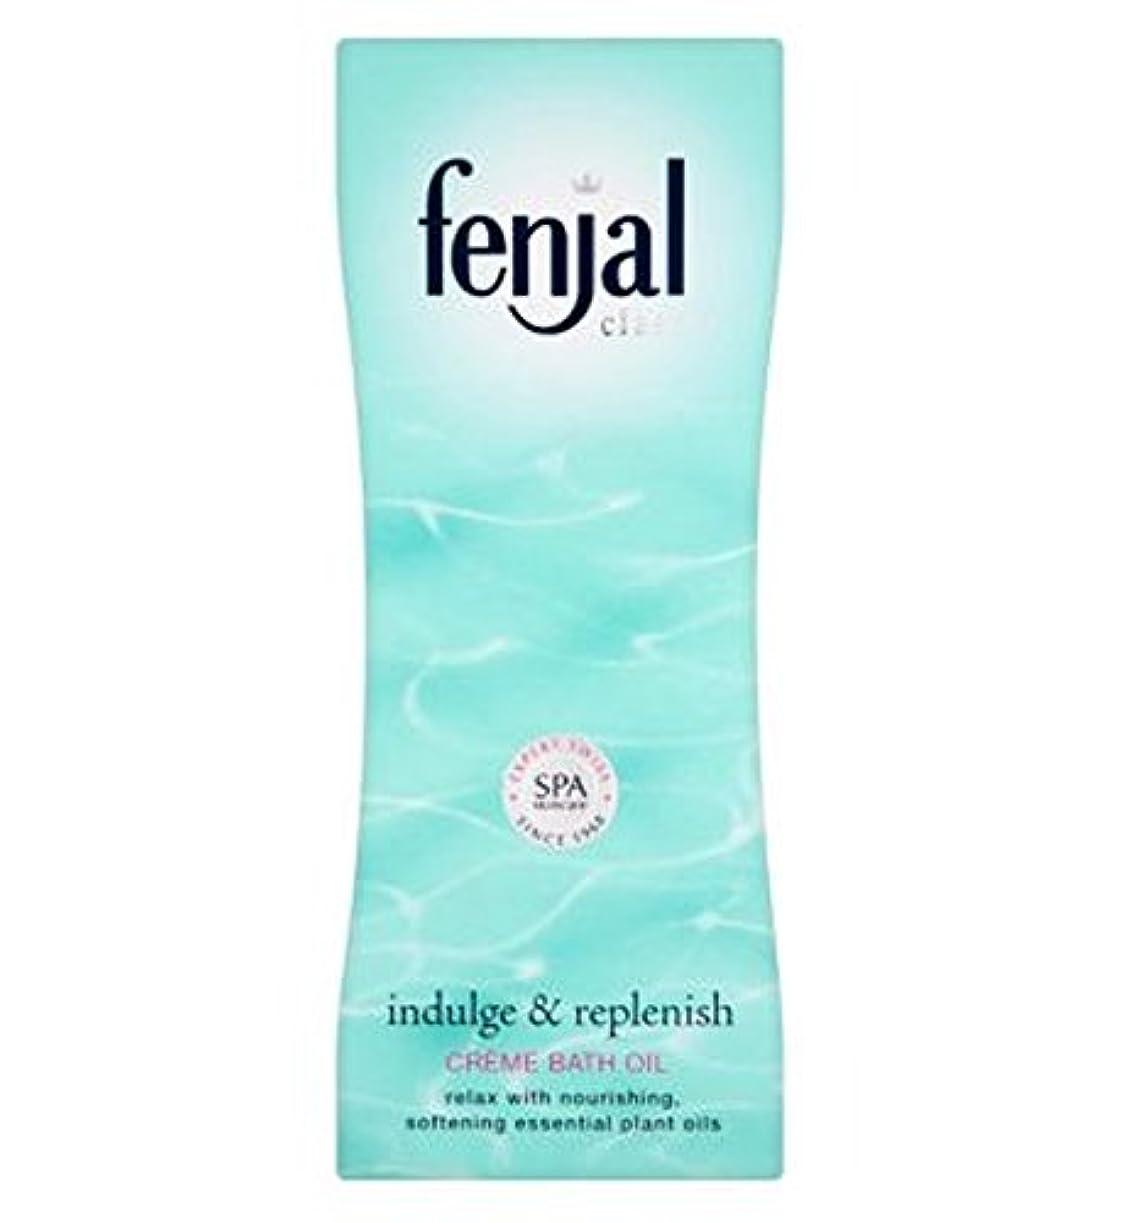 直感価値のない再現するFenjal古典的な高級クリームバスオイル (Fenjal) (x2) - Fenjal Classic Luxury Creme Bath Oil (Pack of 2) [並行輸入品]